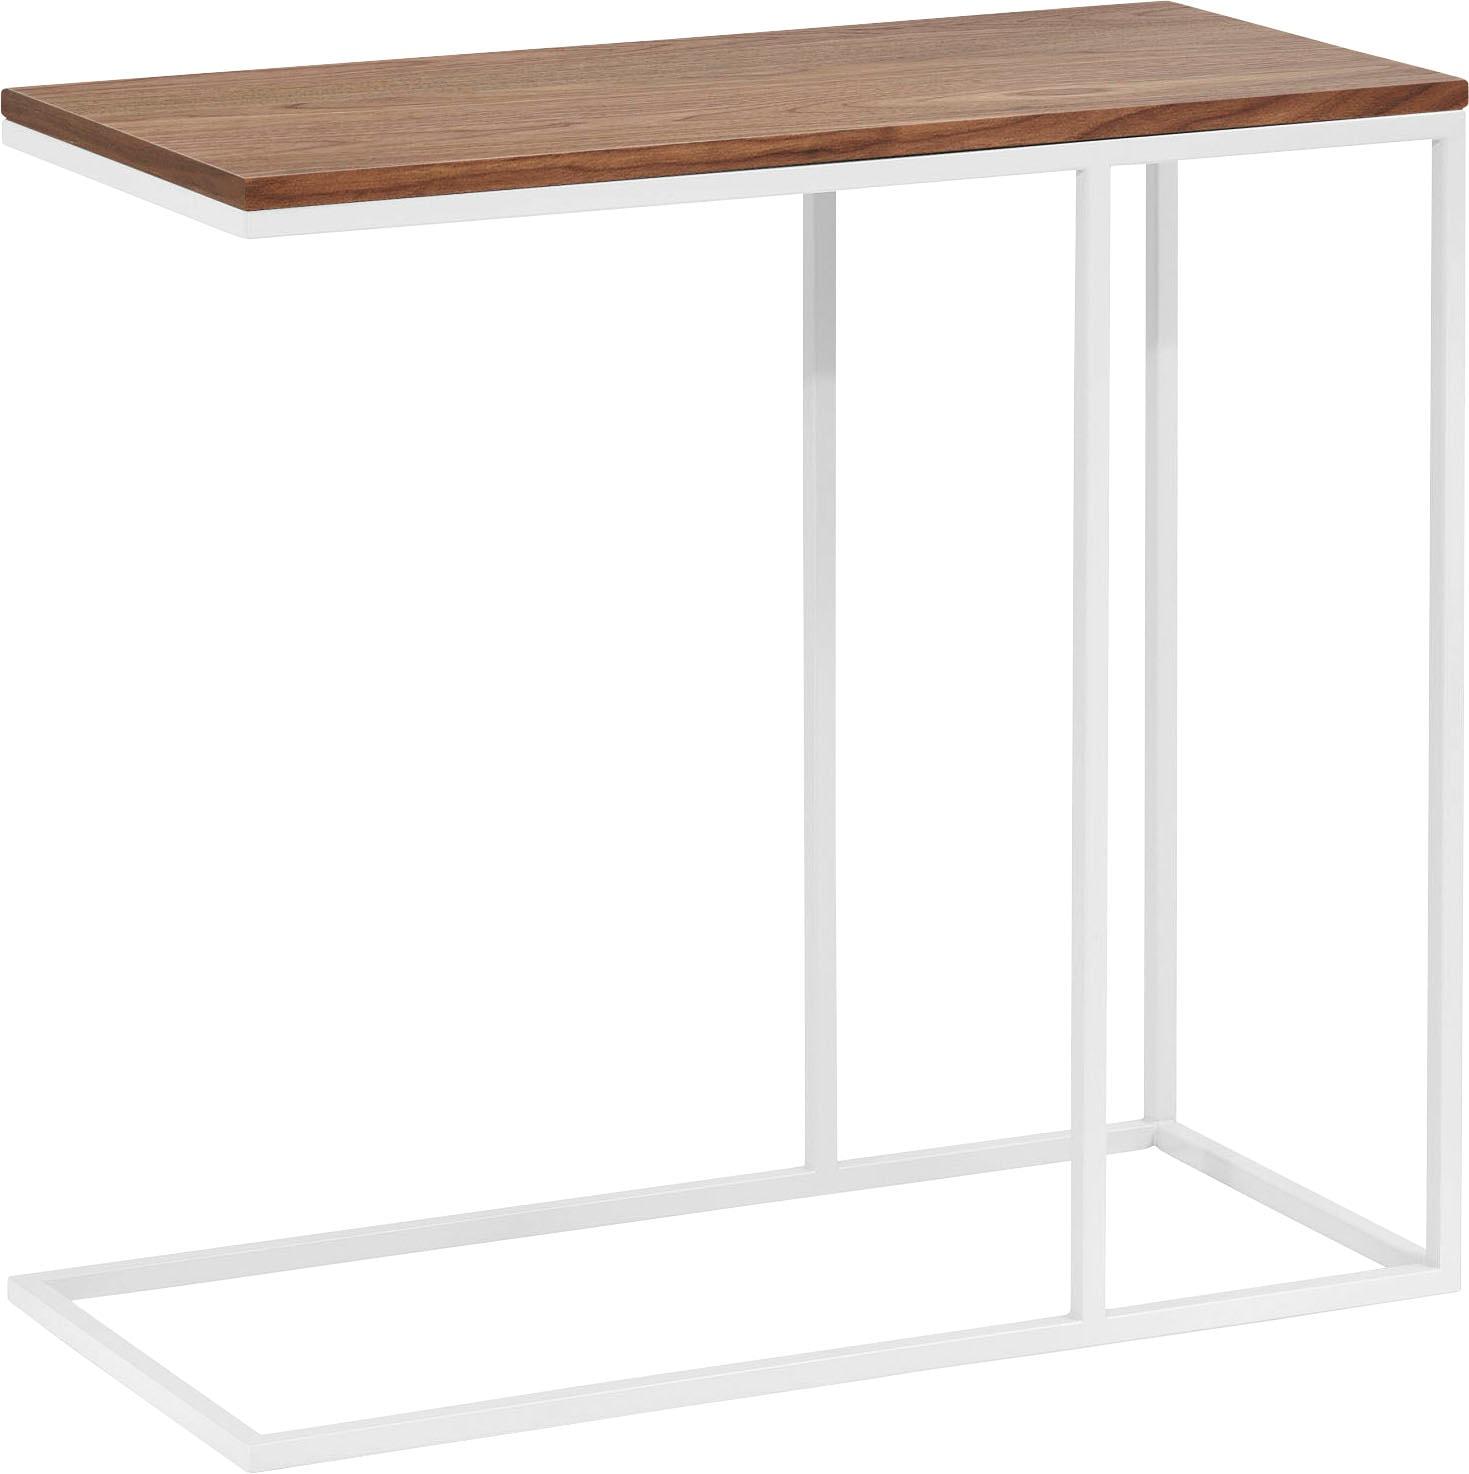 Now! By Hülsta now by hülsta Beistelltisch CT 17, mit weißem Gestell, Höhe 65 cm weiß Beistelltische Tische